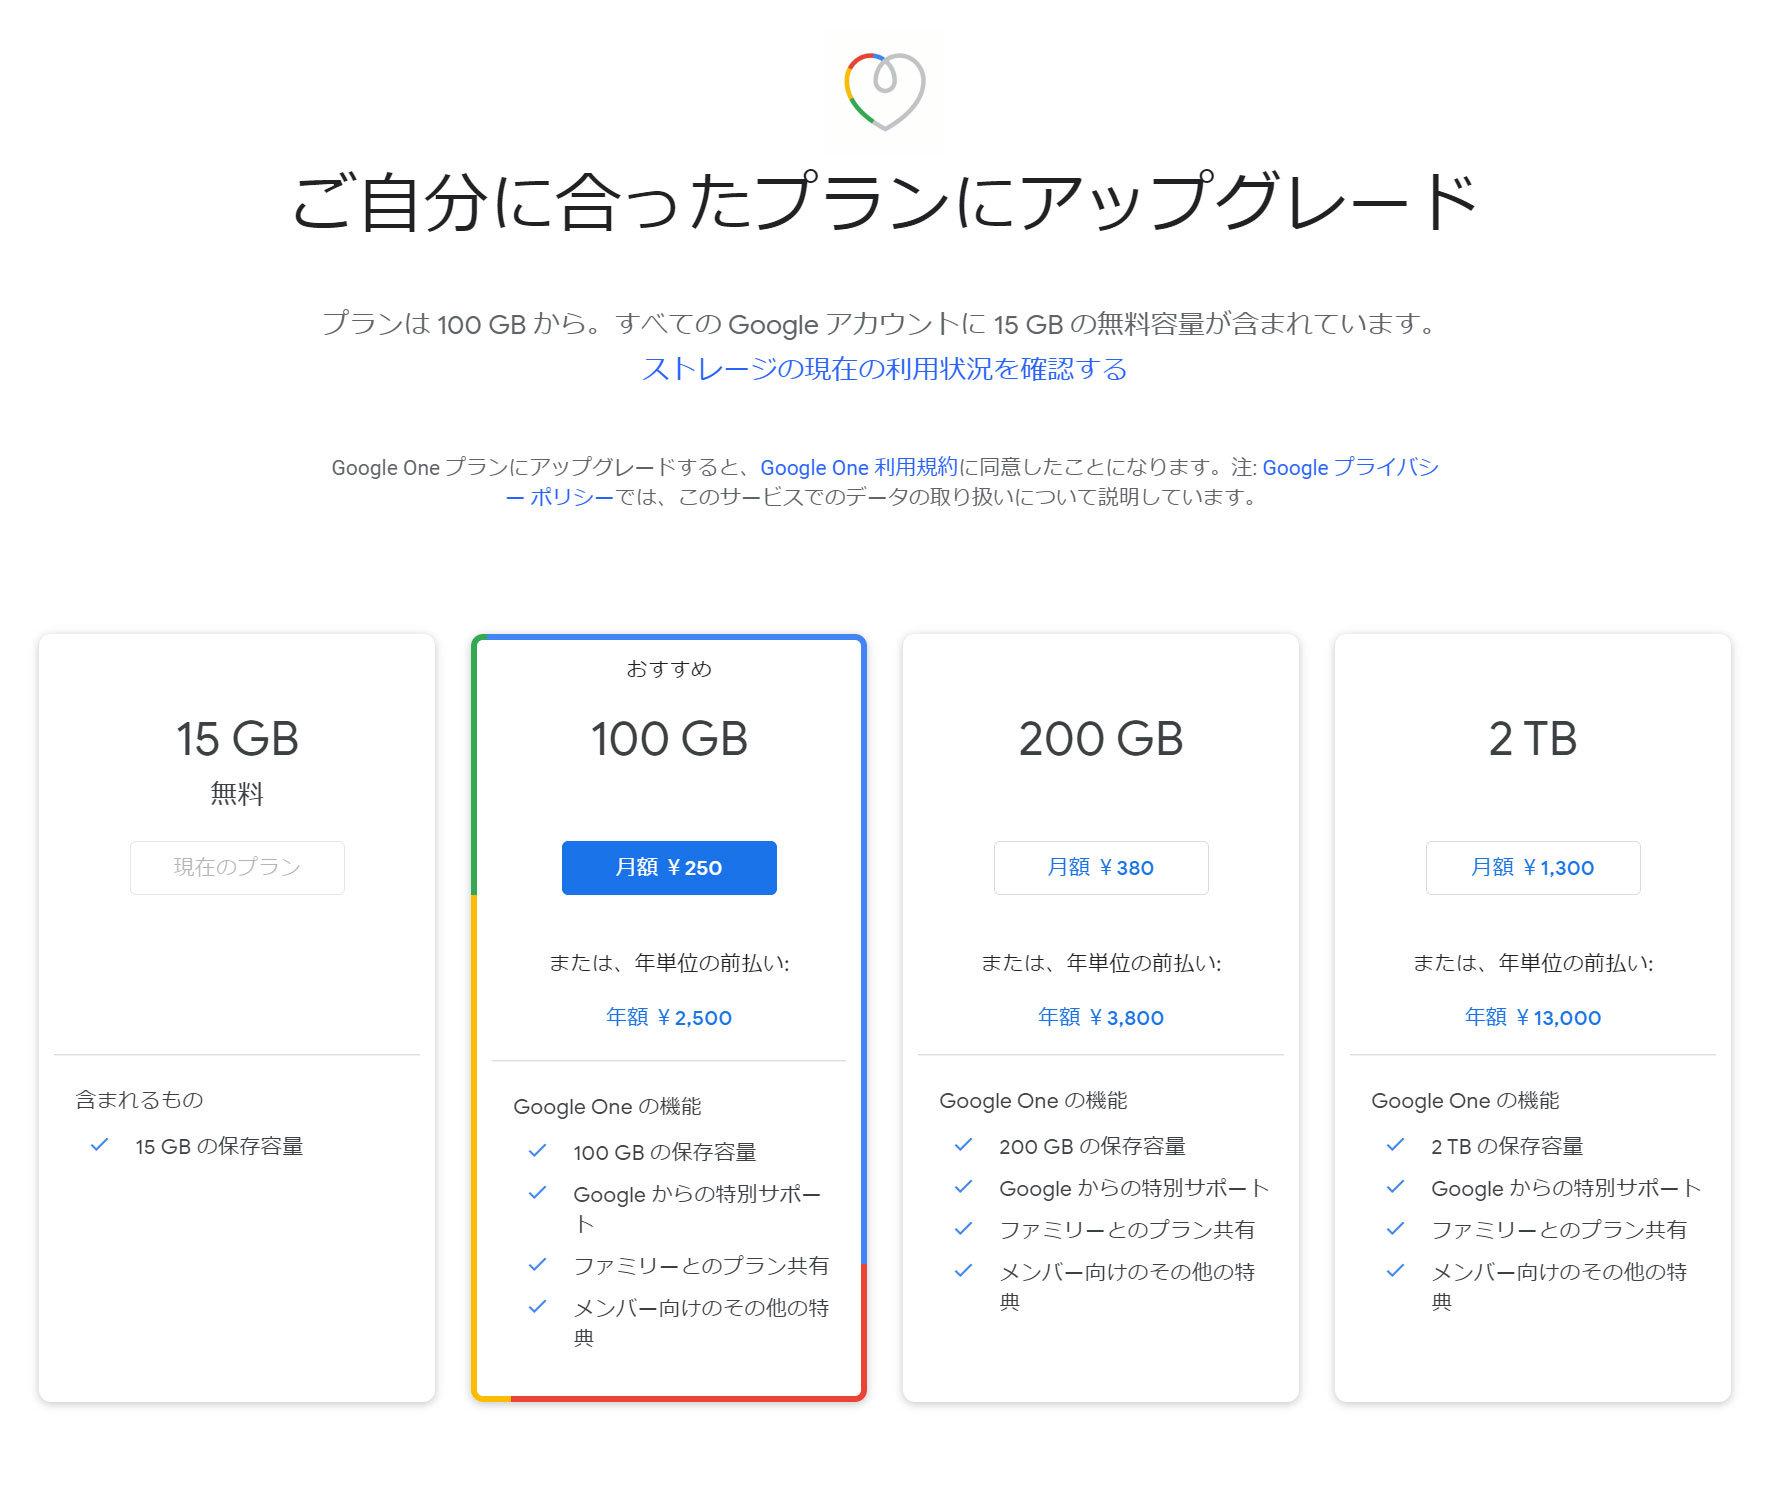 Googleフォトに「月250円」払う? Amazonフォトにする? それとも…… - ITmedia NEWS